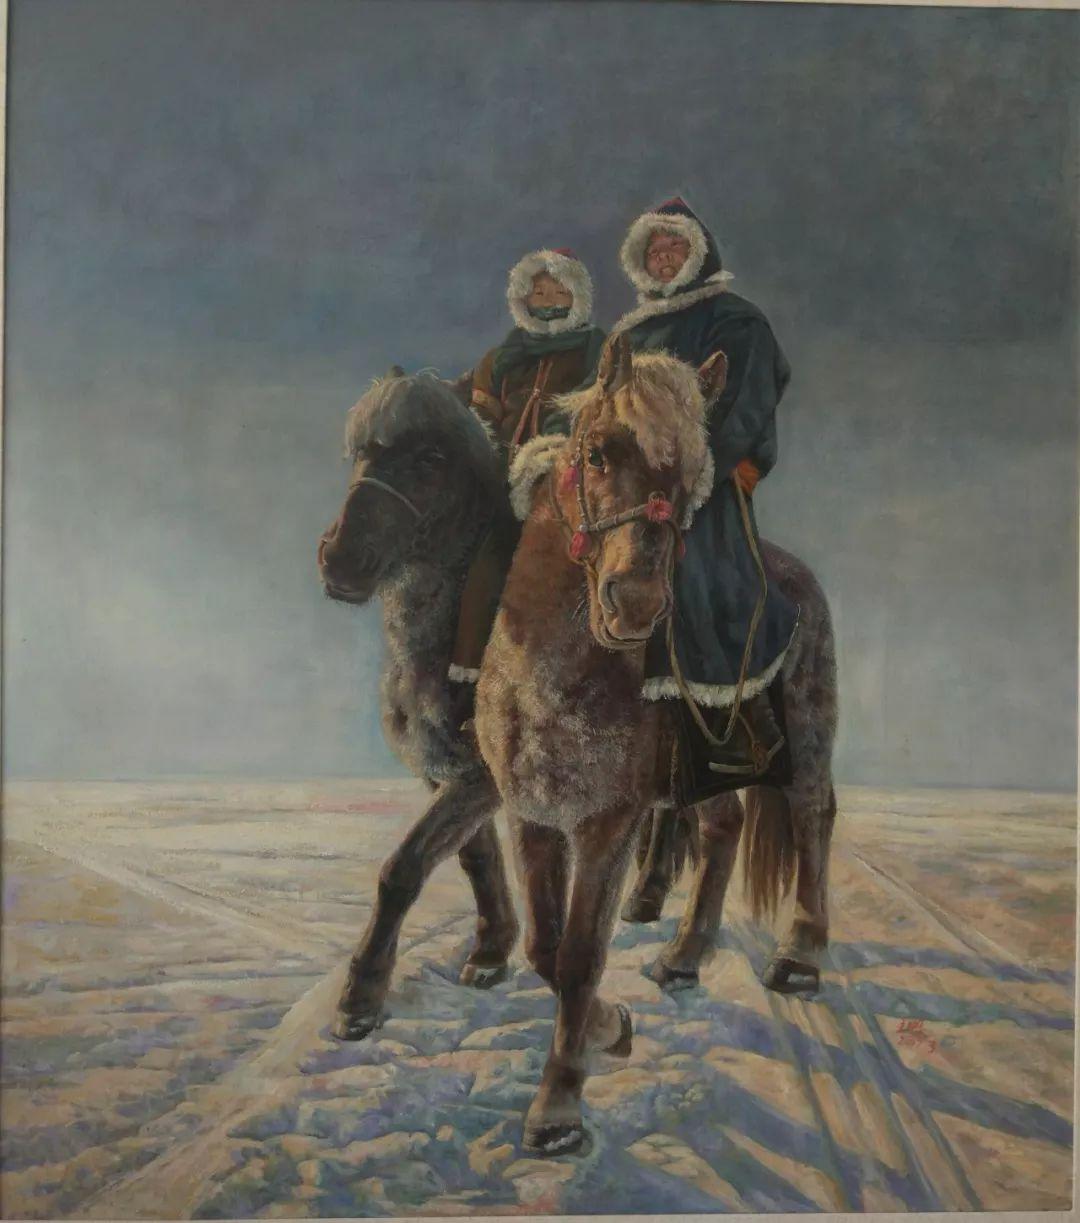 蒙古马 内蒙古当代美术作品微展(二) 第17张 蒙古马 内蒙古当代美术作品微展(二) 蒙古画廊